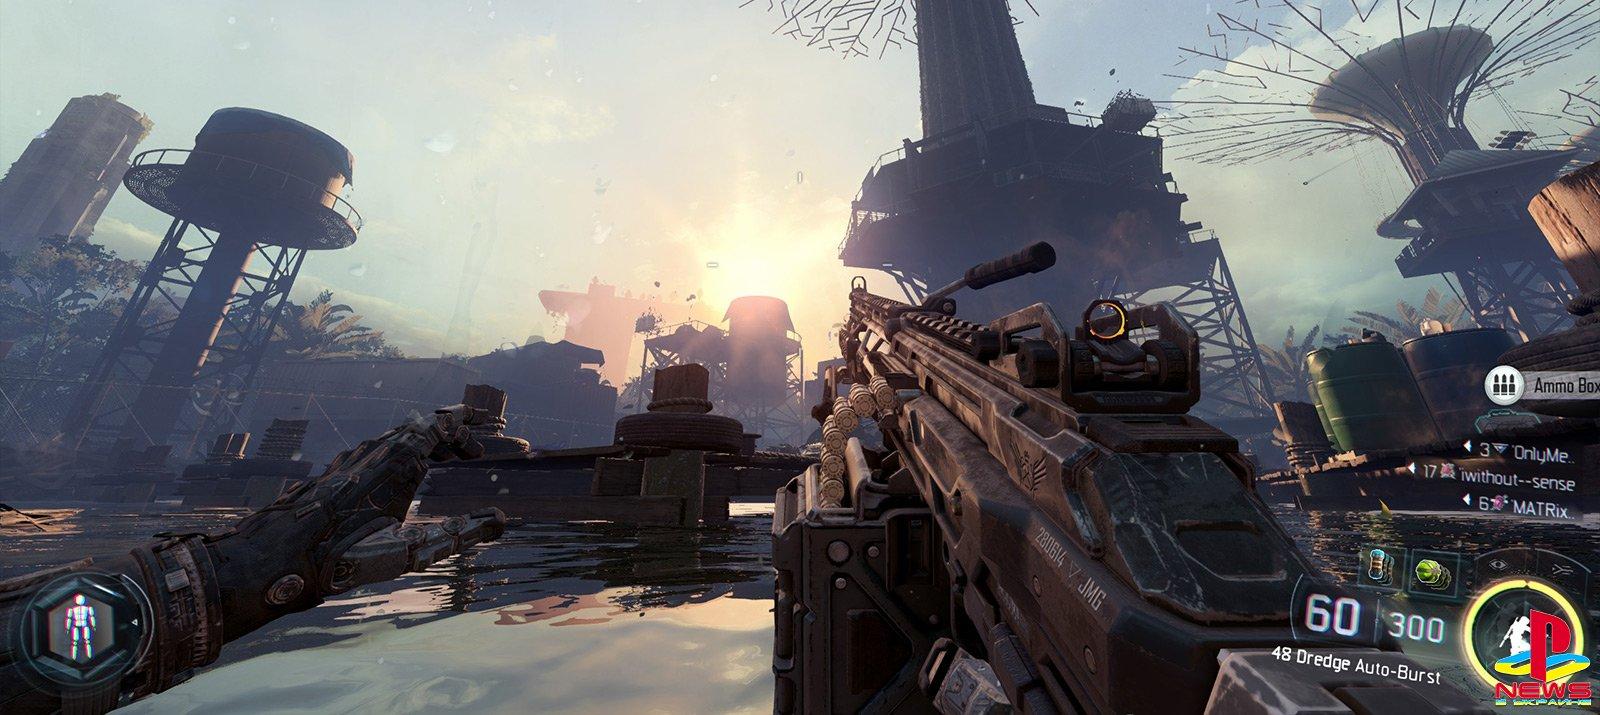 Black Ops 4 все же получит сезонный пропуск с мультиплеерными картами